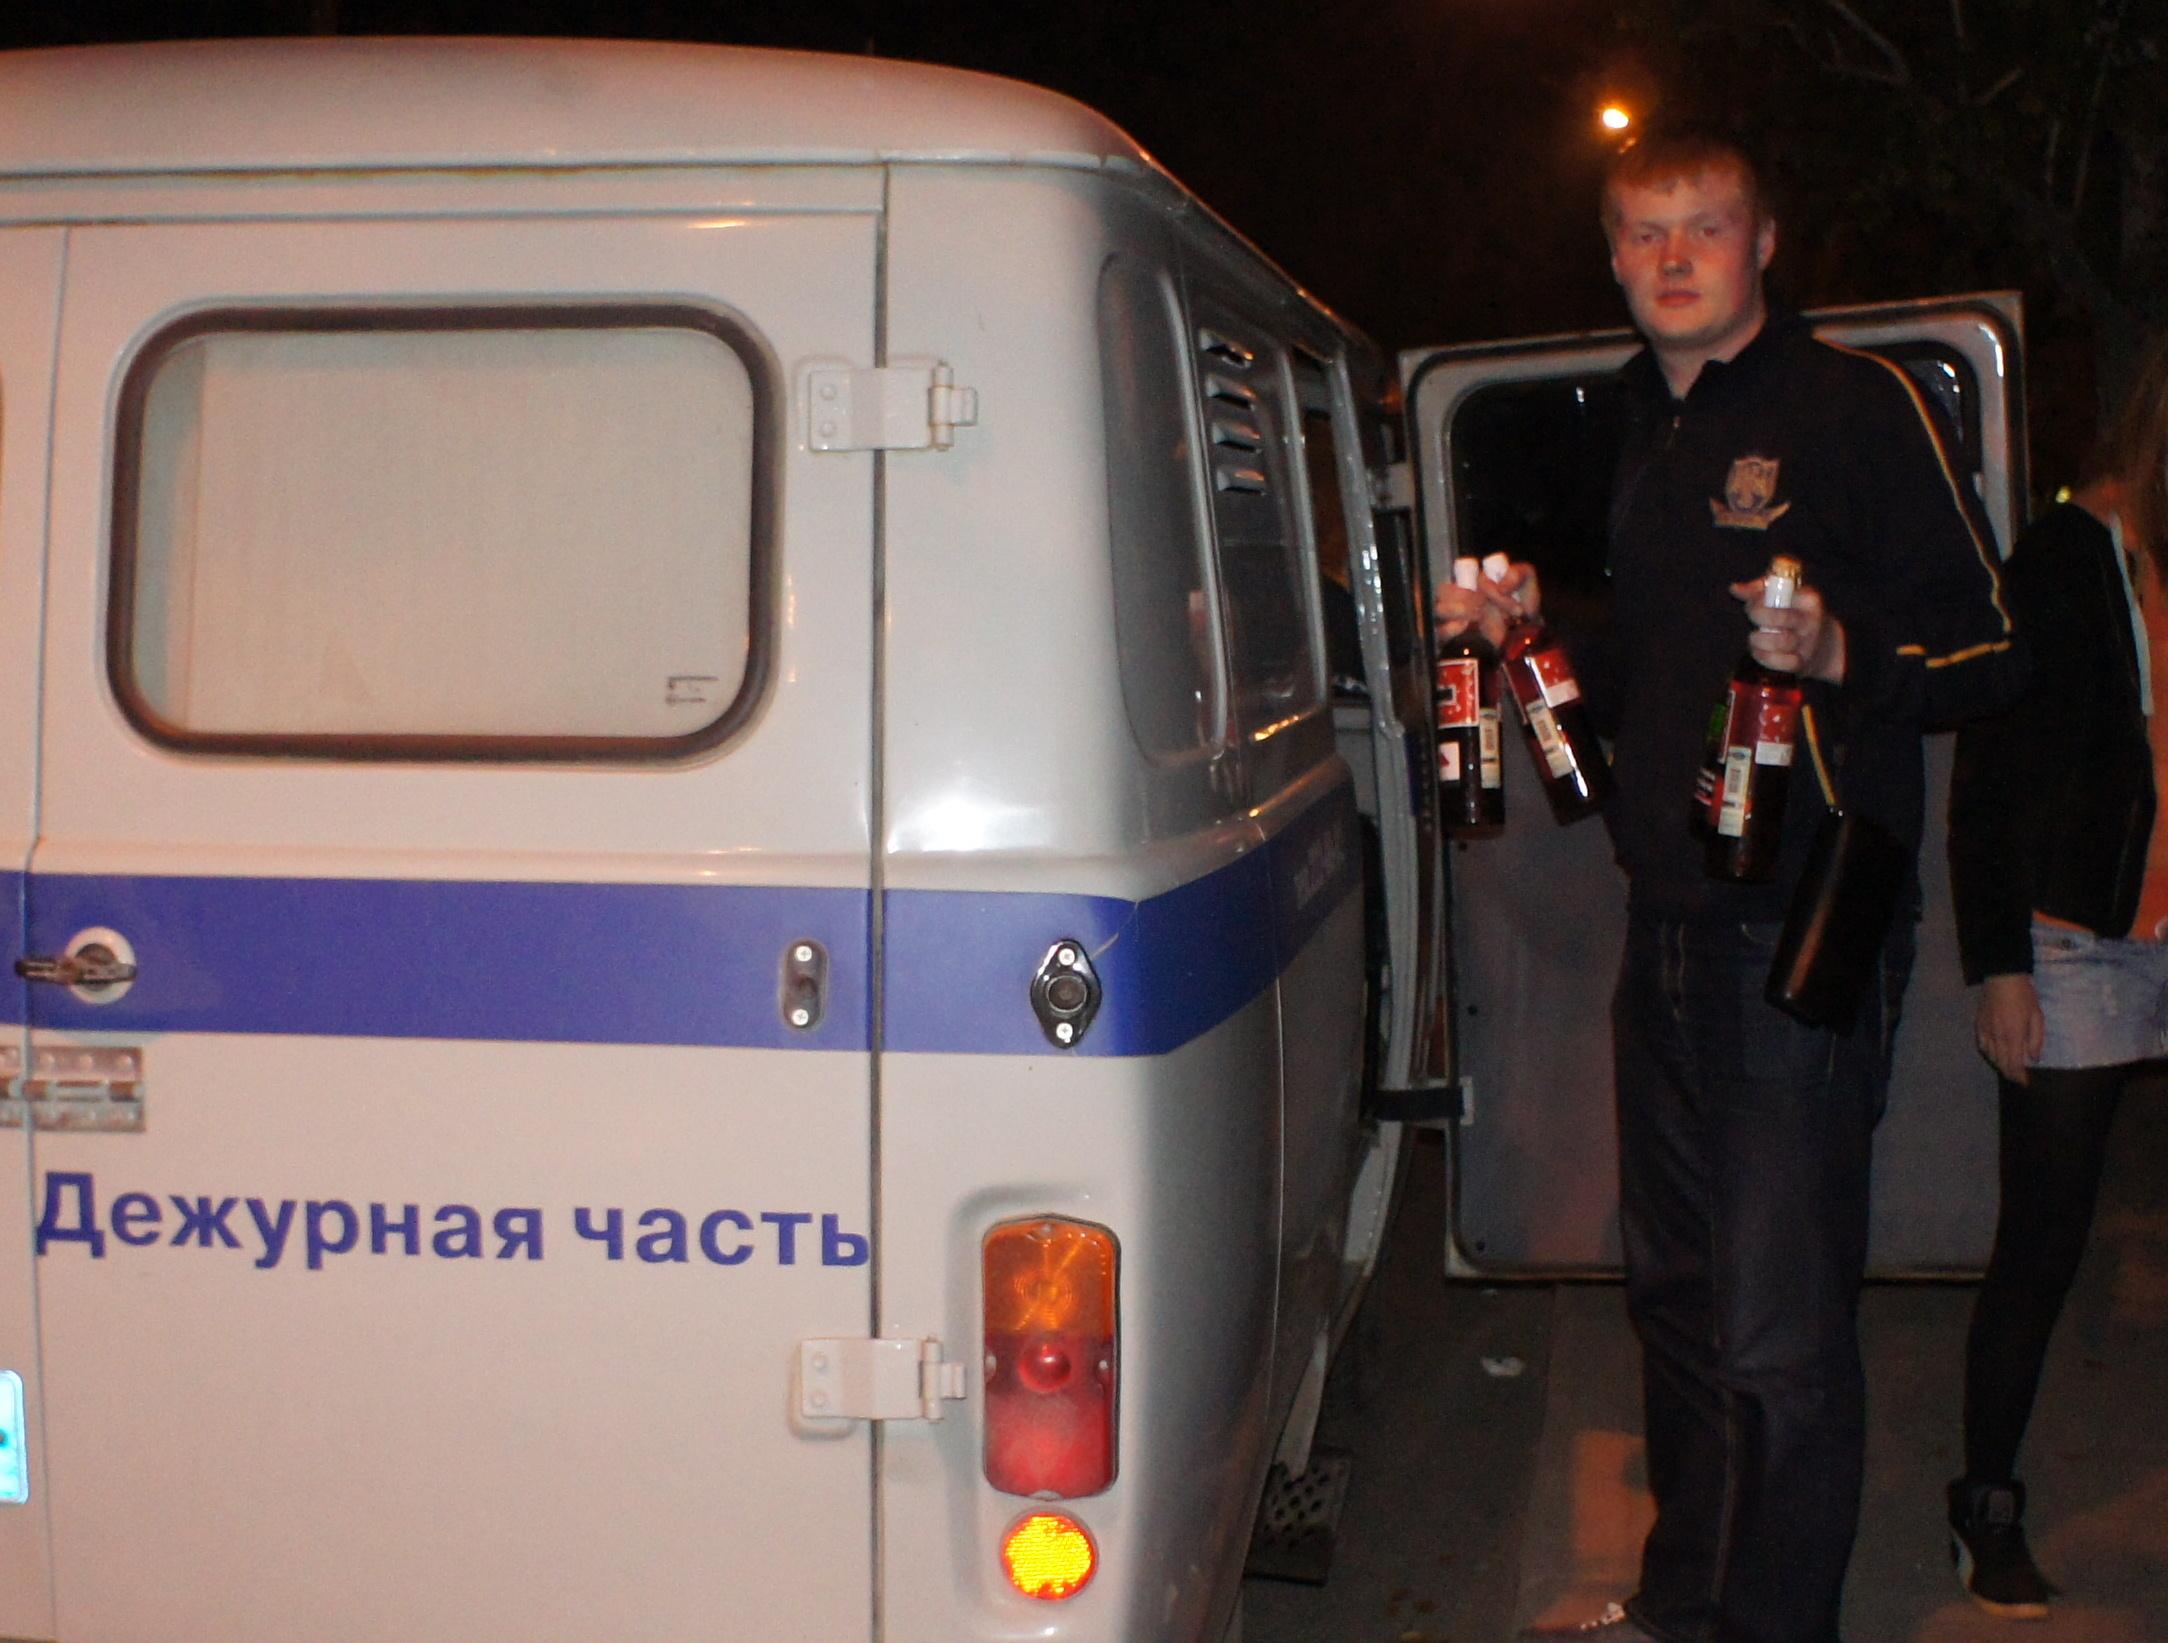 Рейд 66.ru: Три бессонных ночи в поисках нелегального алкоголя